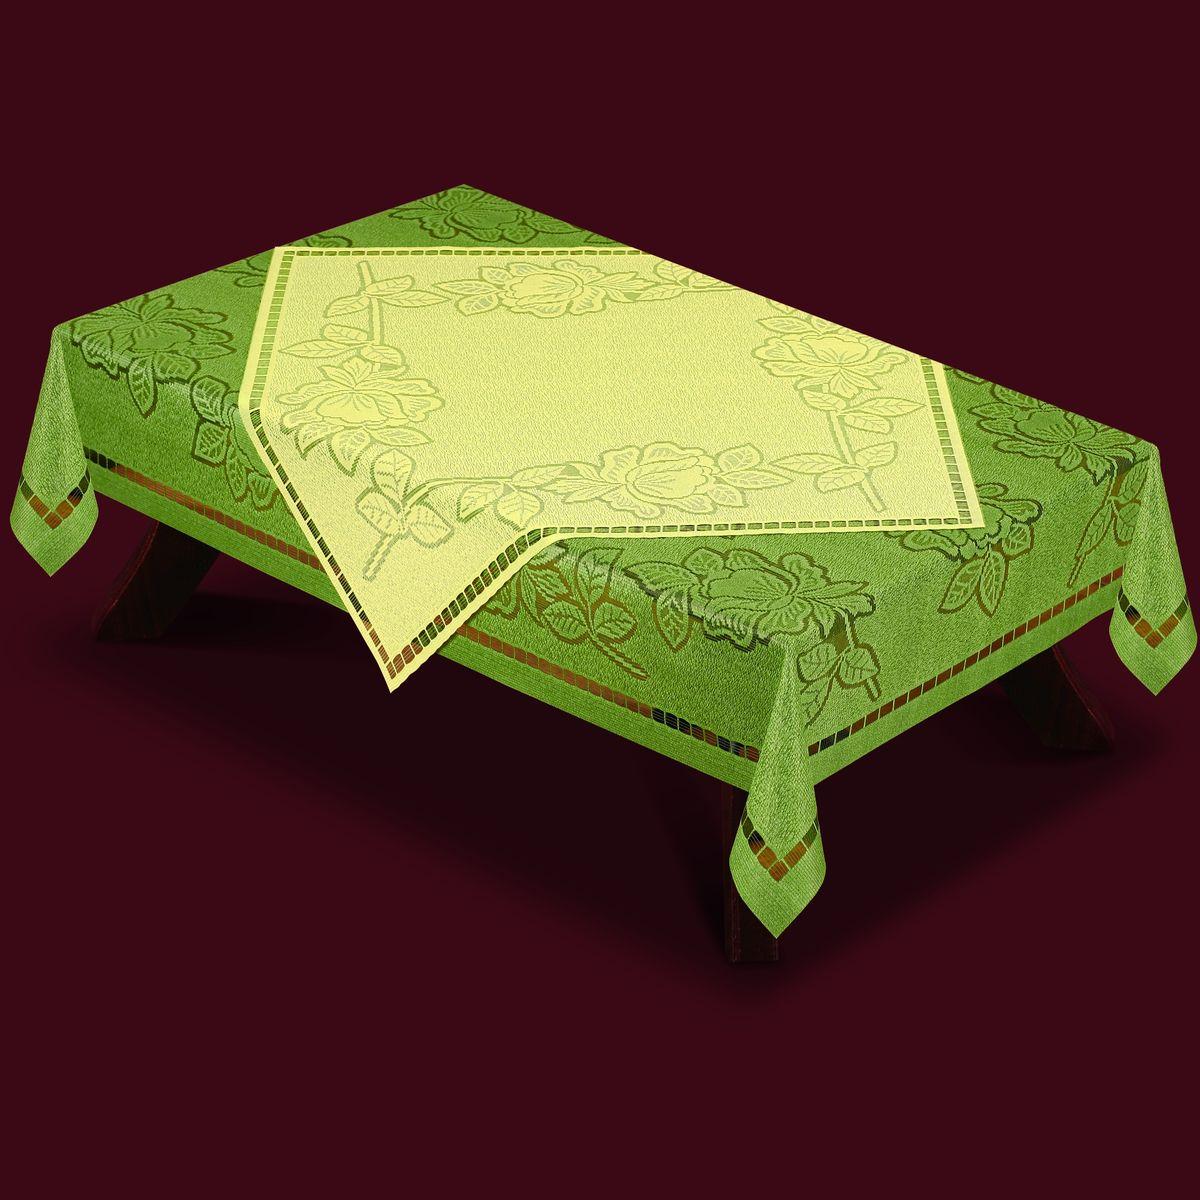 Скатерть Haft, с накладкой, прямоугольная, цвет: оливковый, молочный, 160x 120 см. 46370-12046370-120Великолепная прямоугольная скатерть Haft, выполненная из полиэстера, органично впишется в интерьер любого помещения, а оригинальный дизайн удовлетворит даже самый изысканный вкус. Скатерть изготовлена из сетчатого материала с ажурным цветочным рисунком. В комплекте квадратная накладка, декорированная ажурным цветочным рисунком. Комплект Haft создаст праздничное настроение и станет прекрасным дополнением интерьера гостиной, кухни или столовой. Размер скатерти: 160 см х 120 см.Размер накладки: 80 см х 80 см.